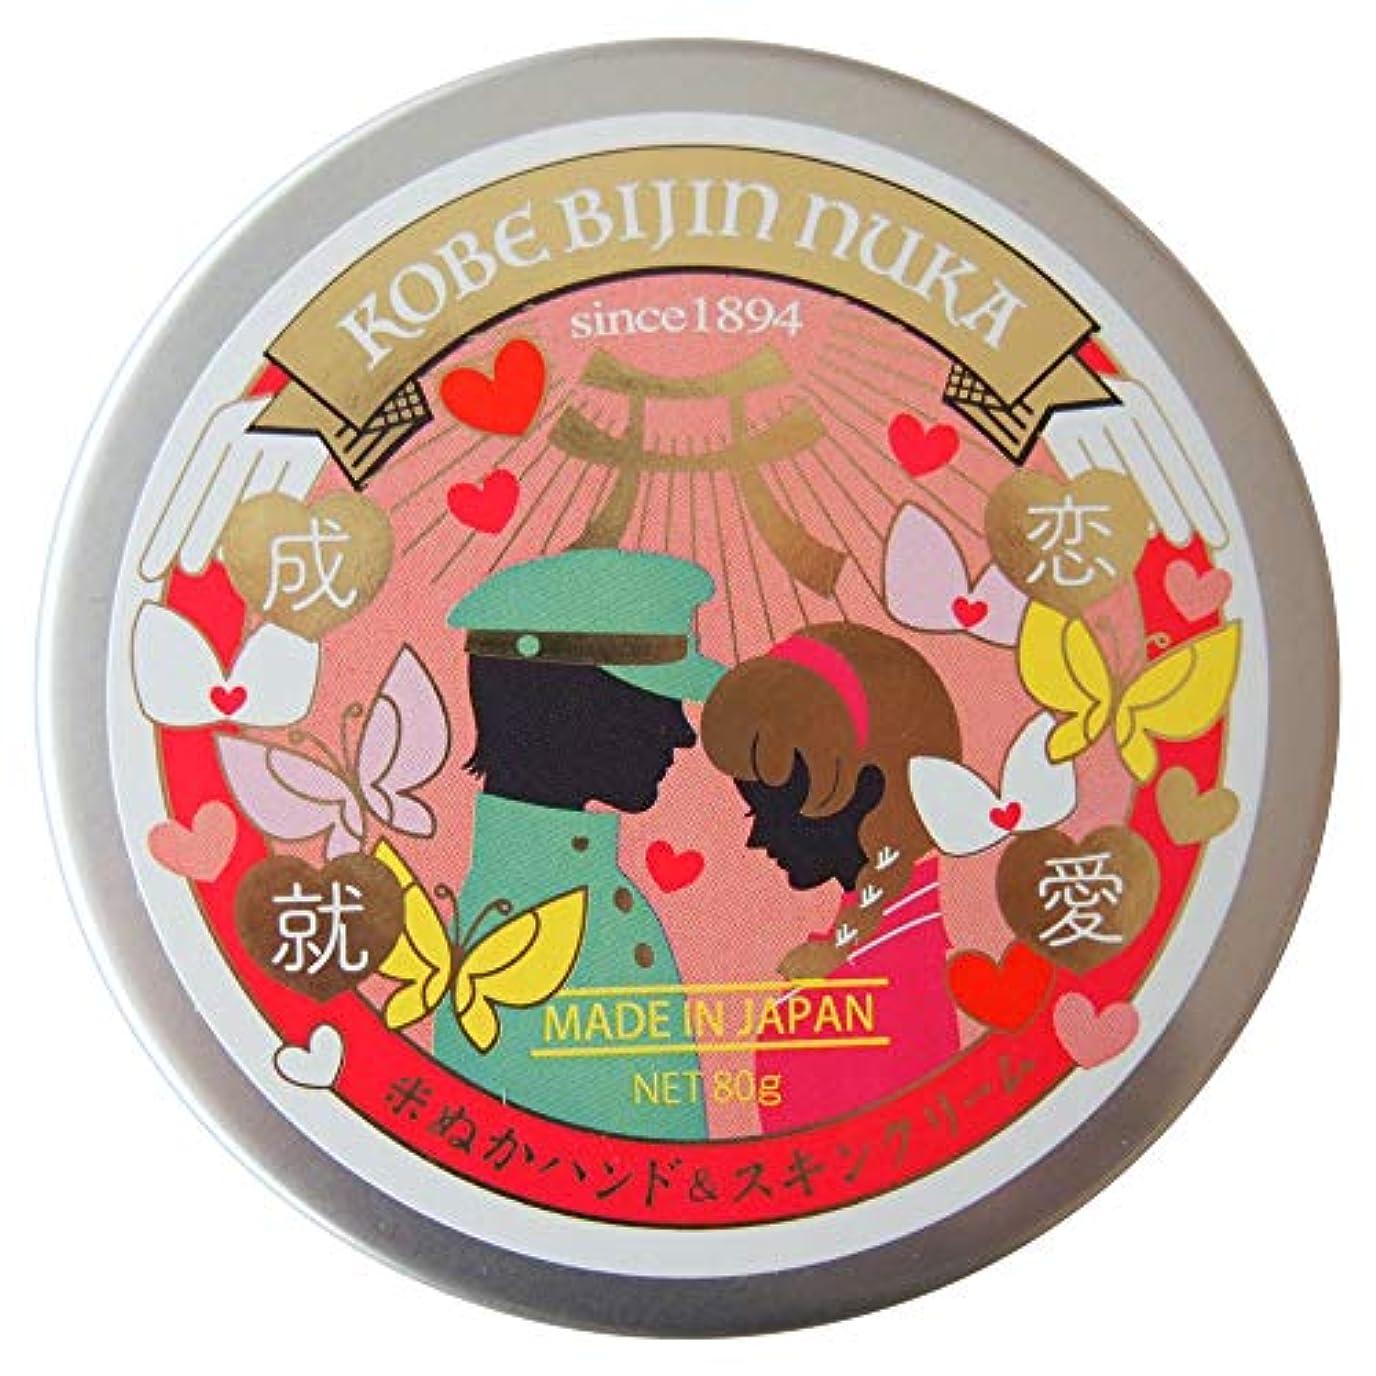 ズボンしたい擁する神戸美人ぬか 米ぬかハンド&スキンクリーム(恋愛成就)【キュートフローラルの香り】 80g